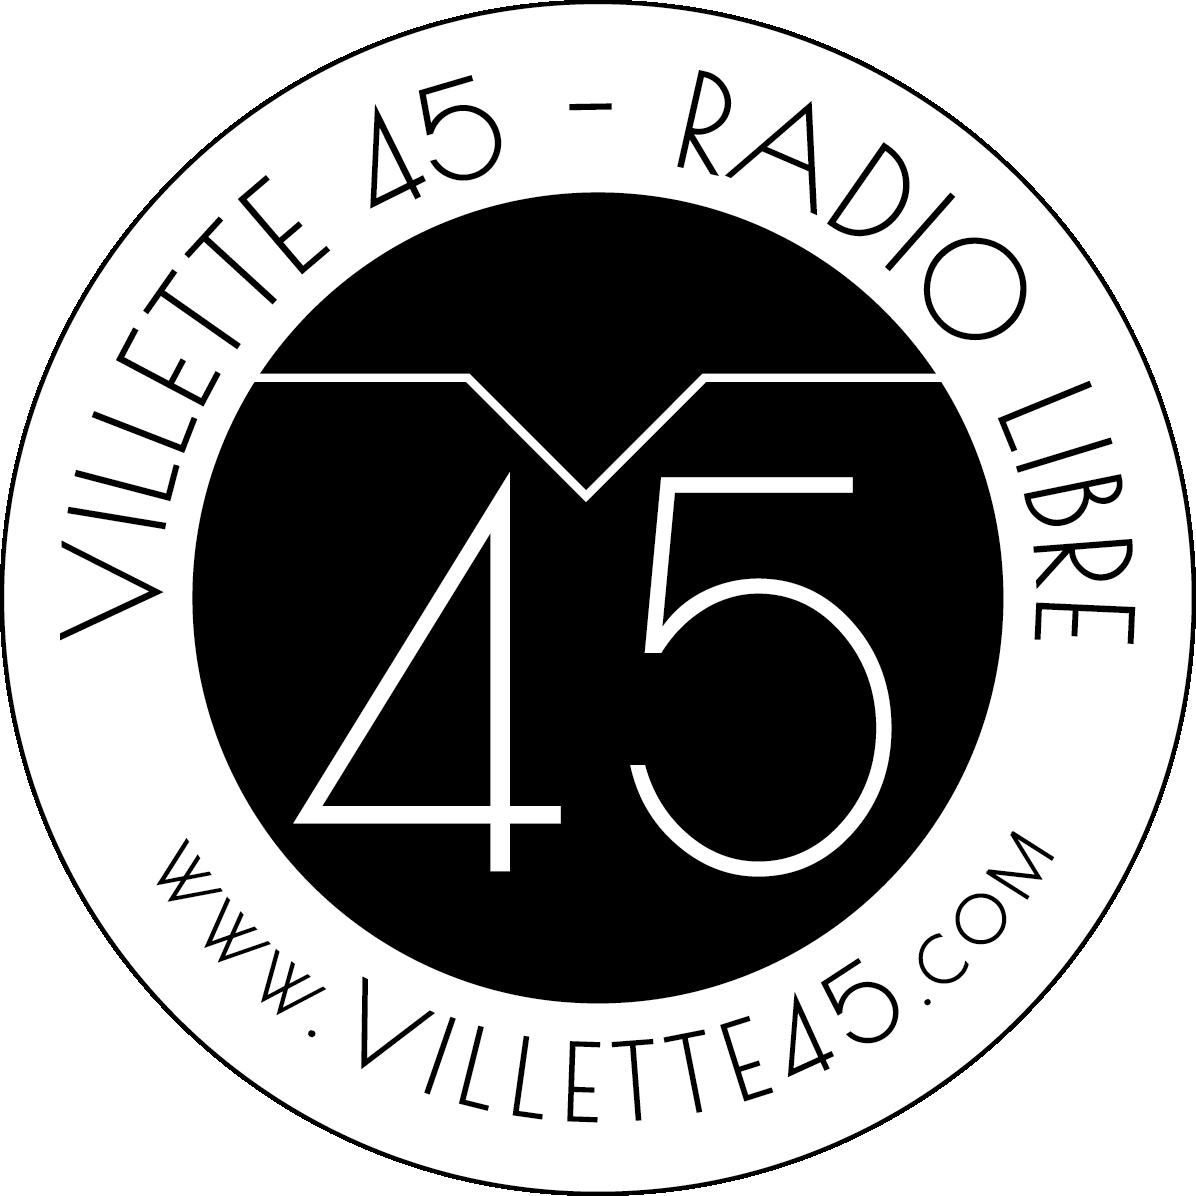 VILLETTE 45 BROADCAST